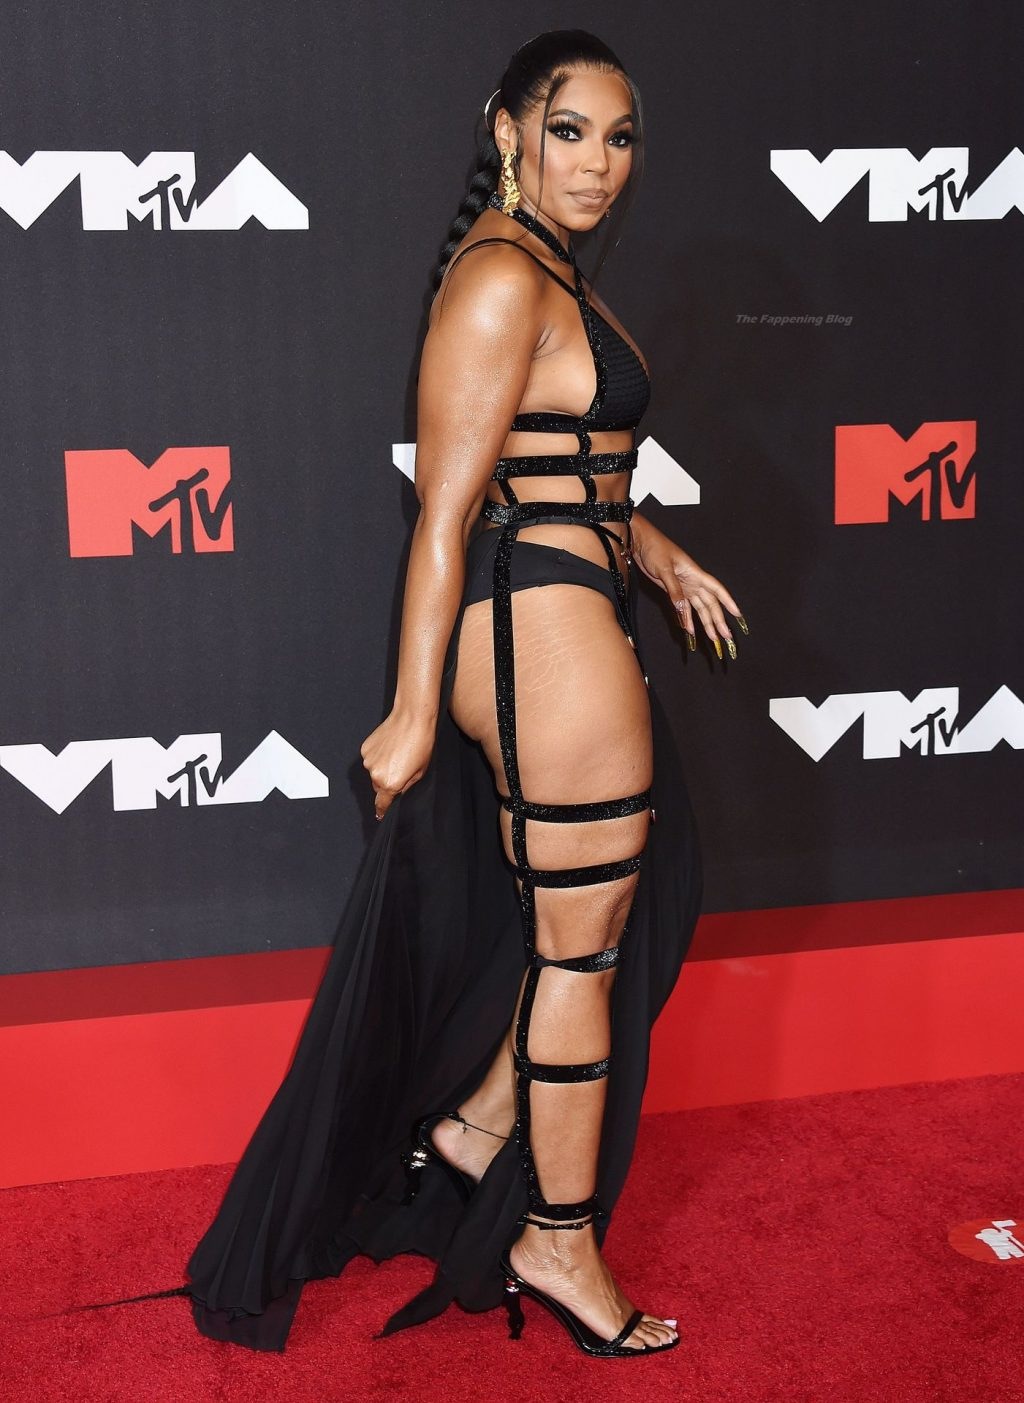 Leggy Ashanti Looks Hot at the 2021 MTV VMAs (12 Photos)